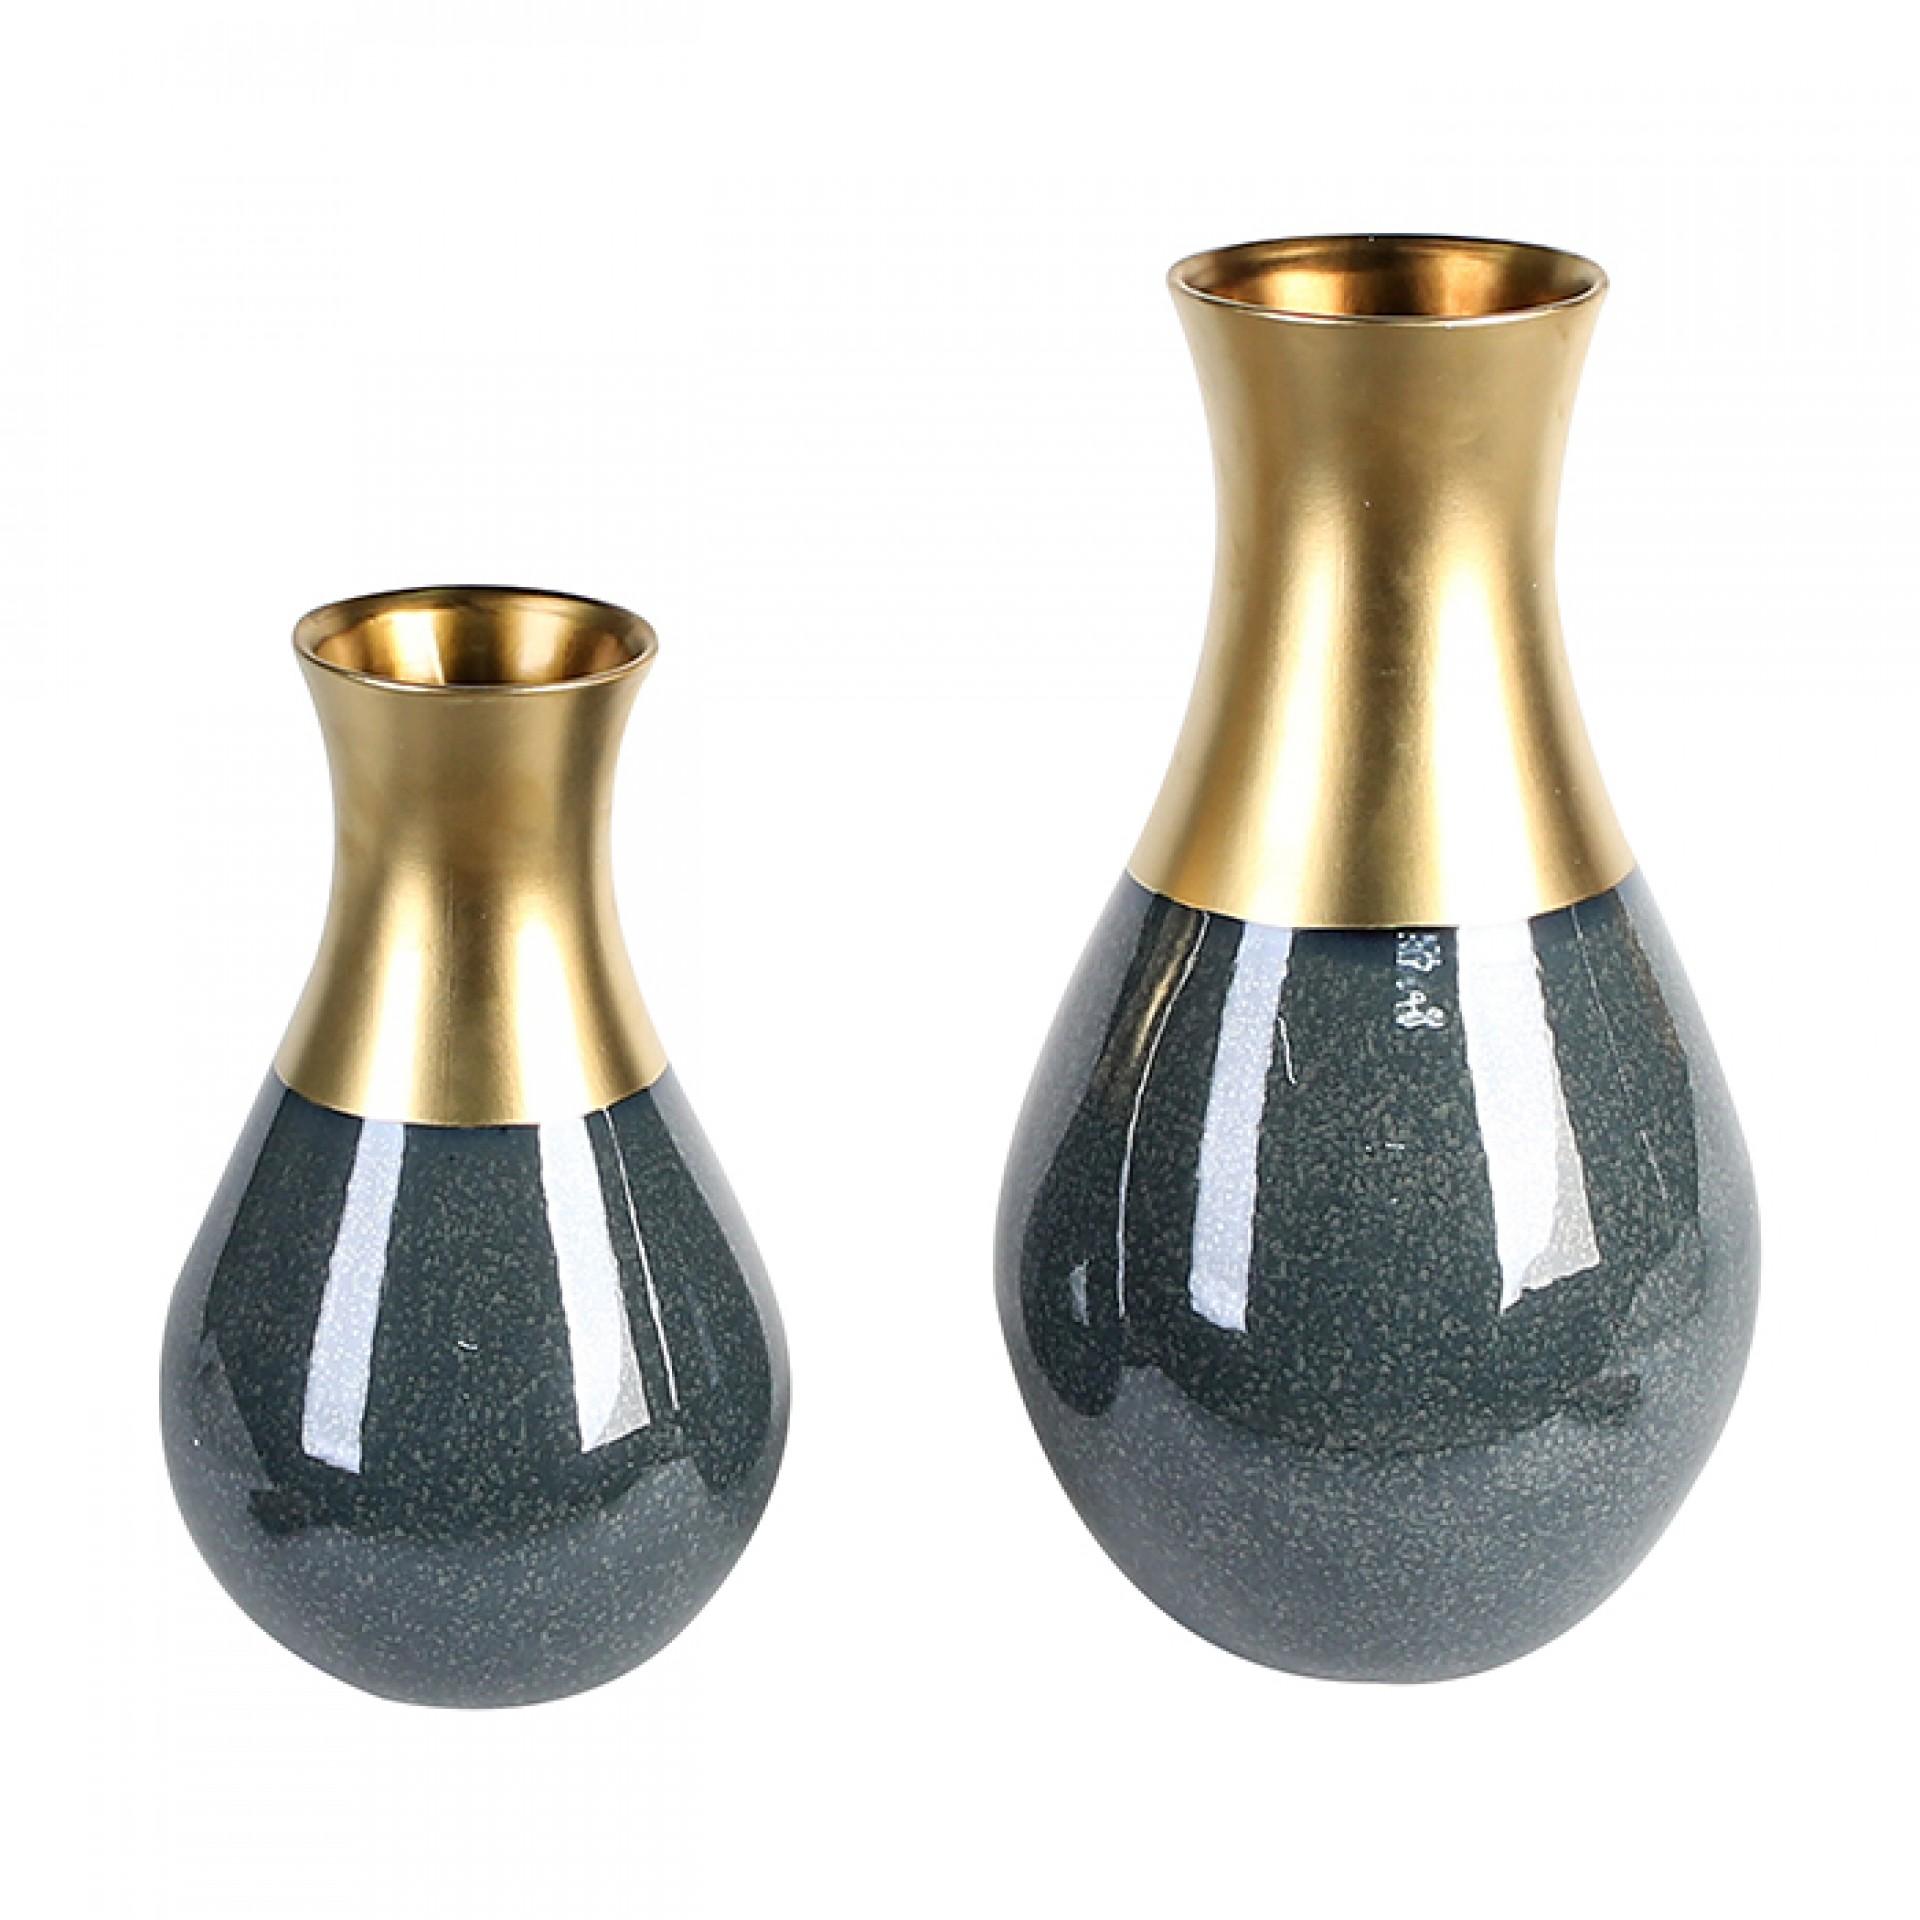 Keramická váza Opulent, 35 cm, modrá/zlatá